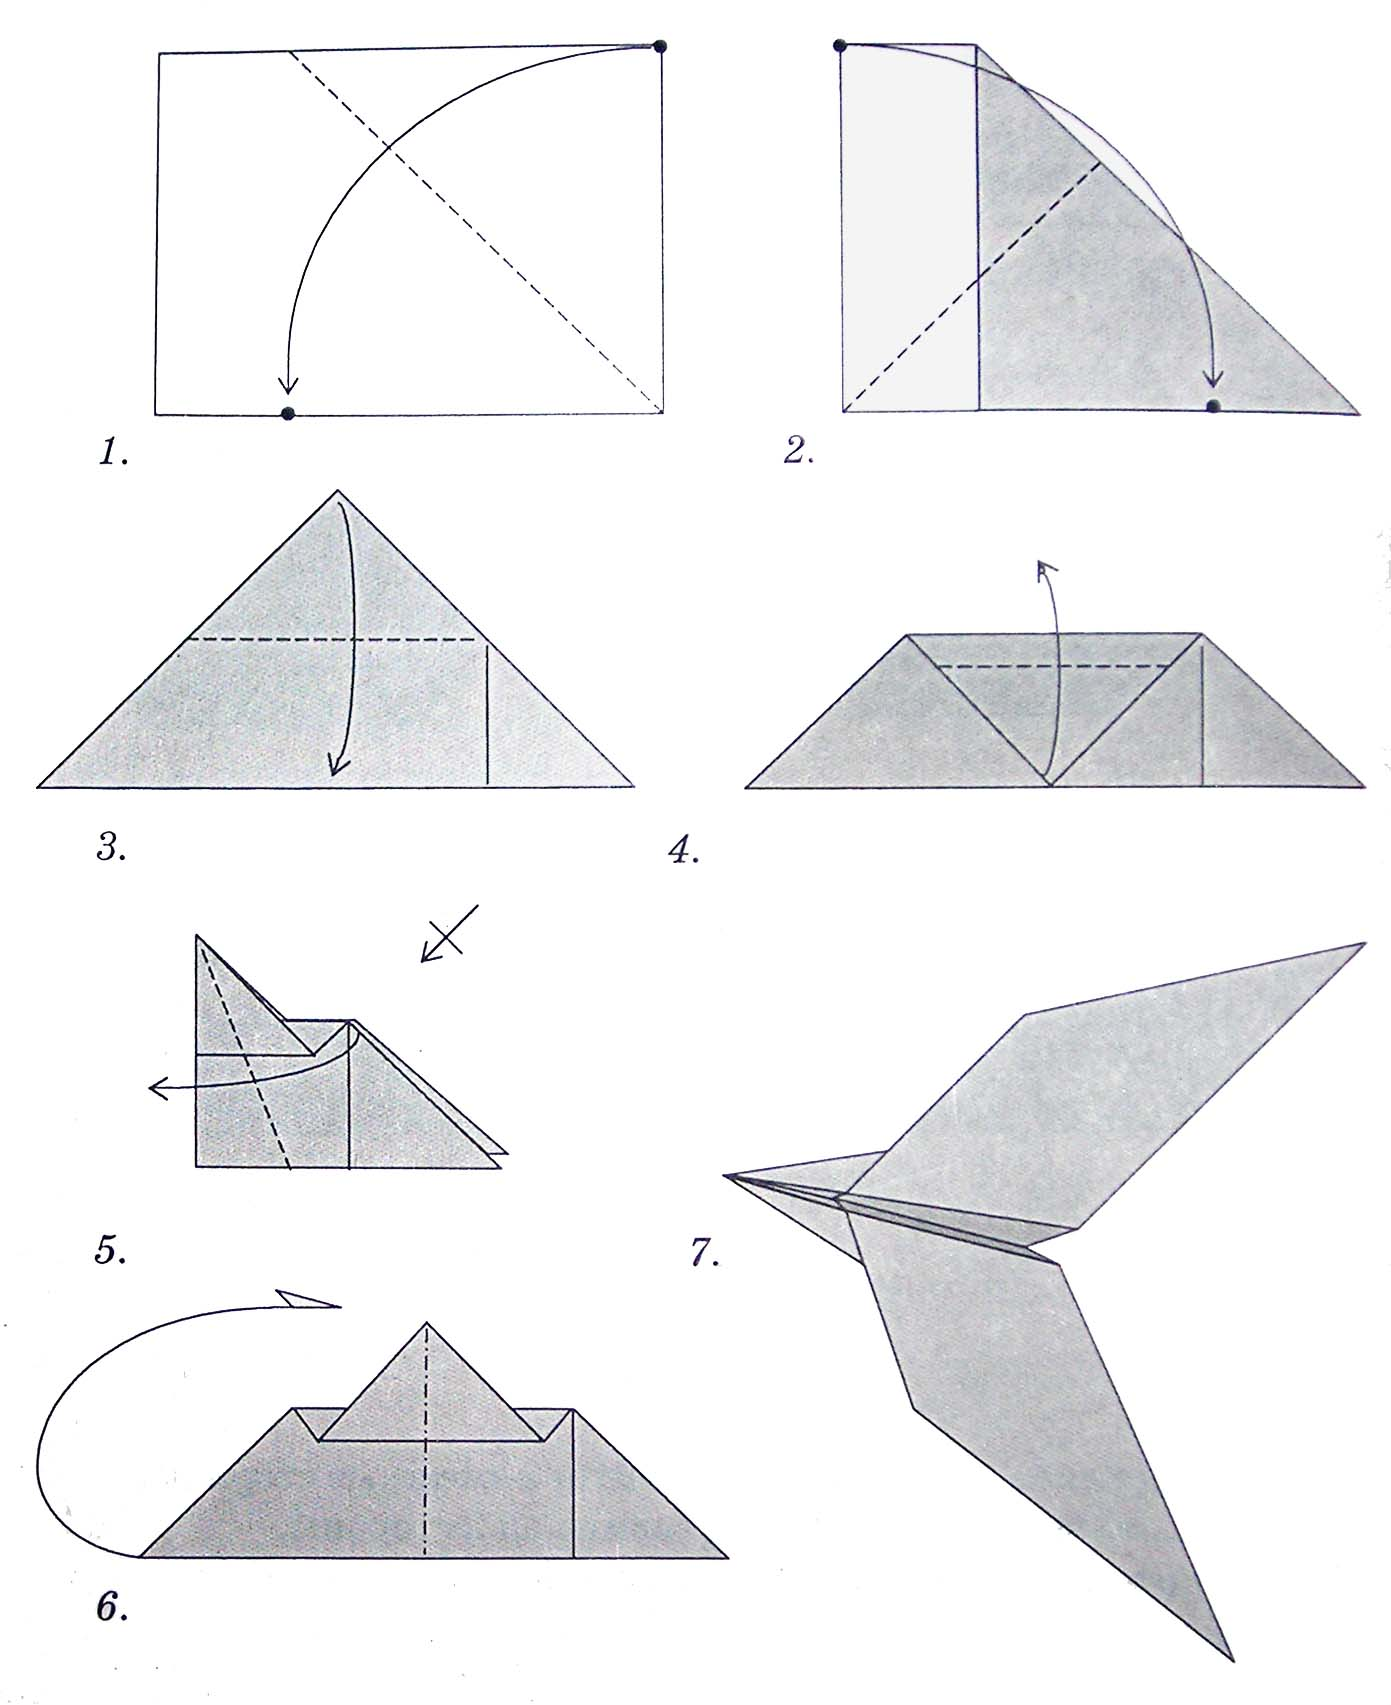 Поделки оригами: 91 фото как создаются оригинальные бумажные 5